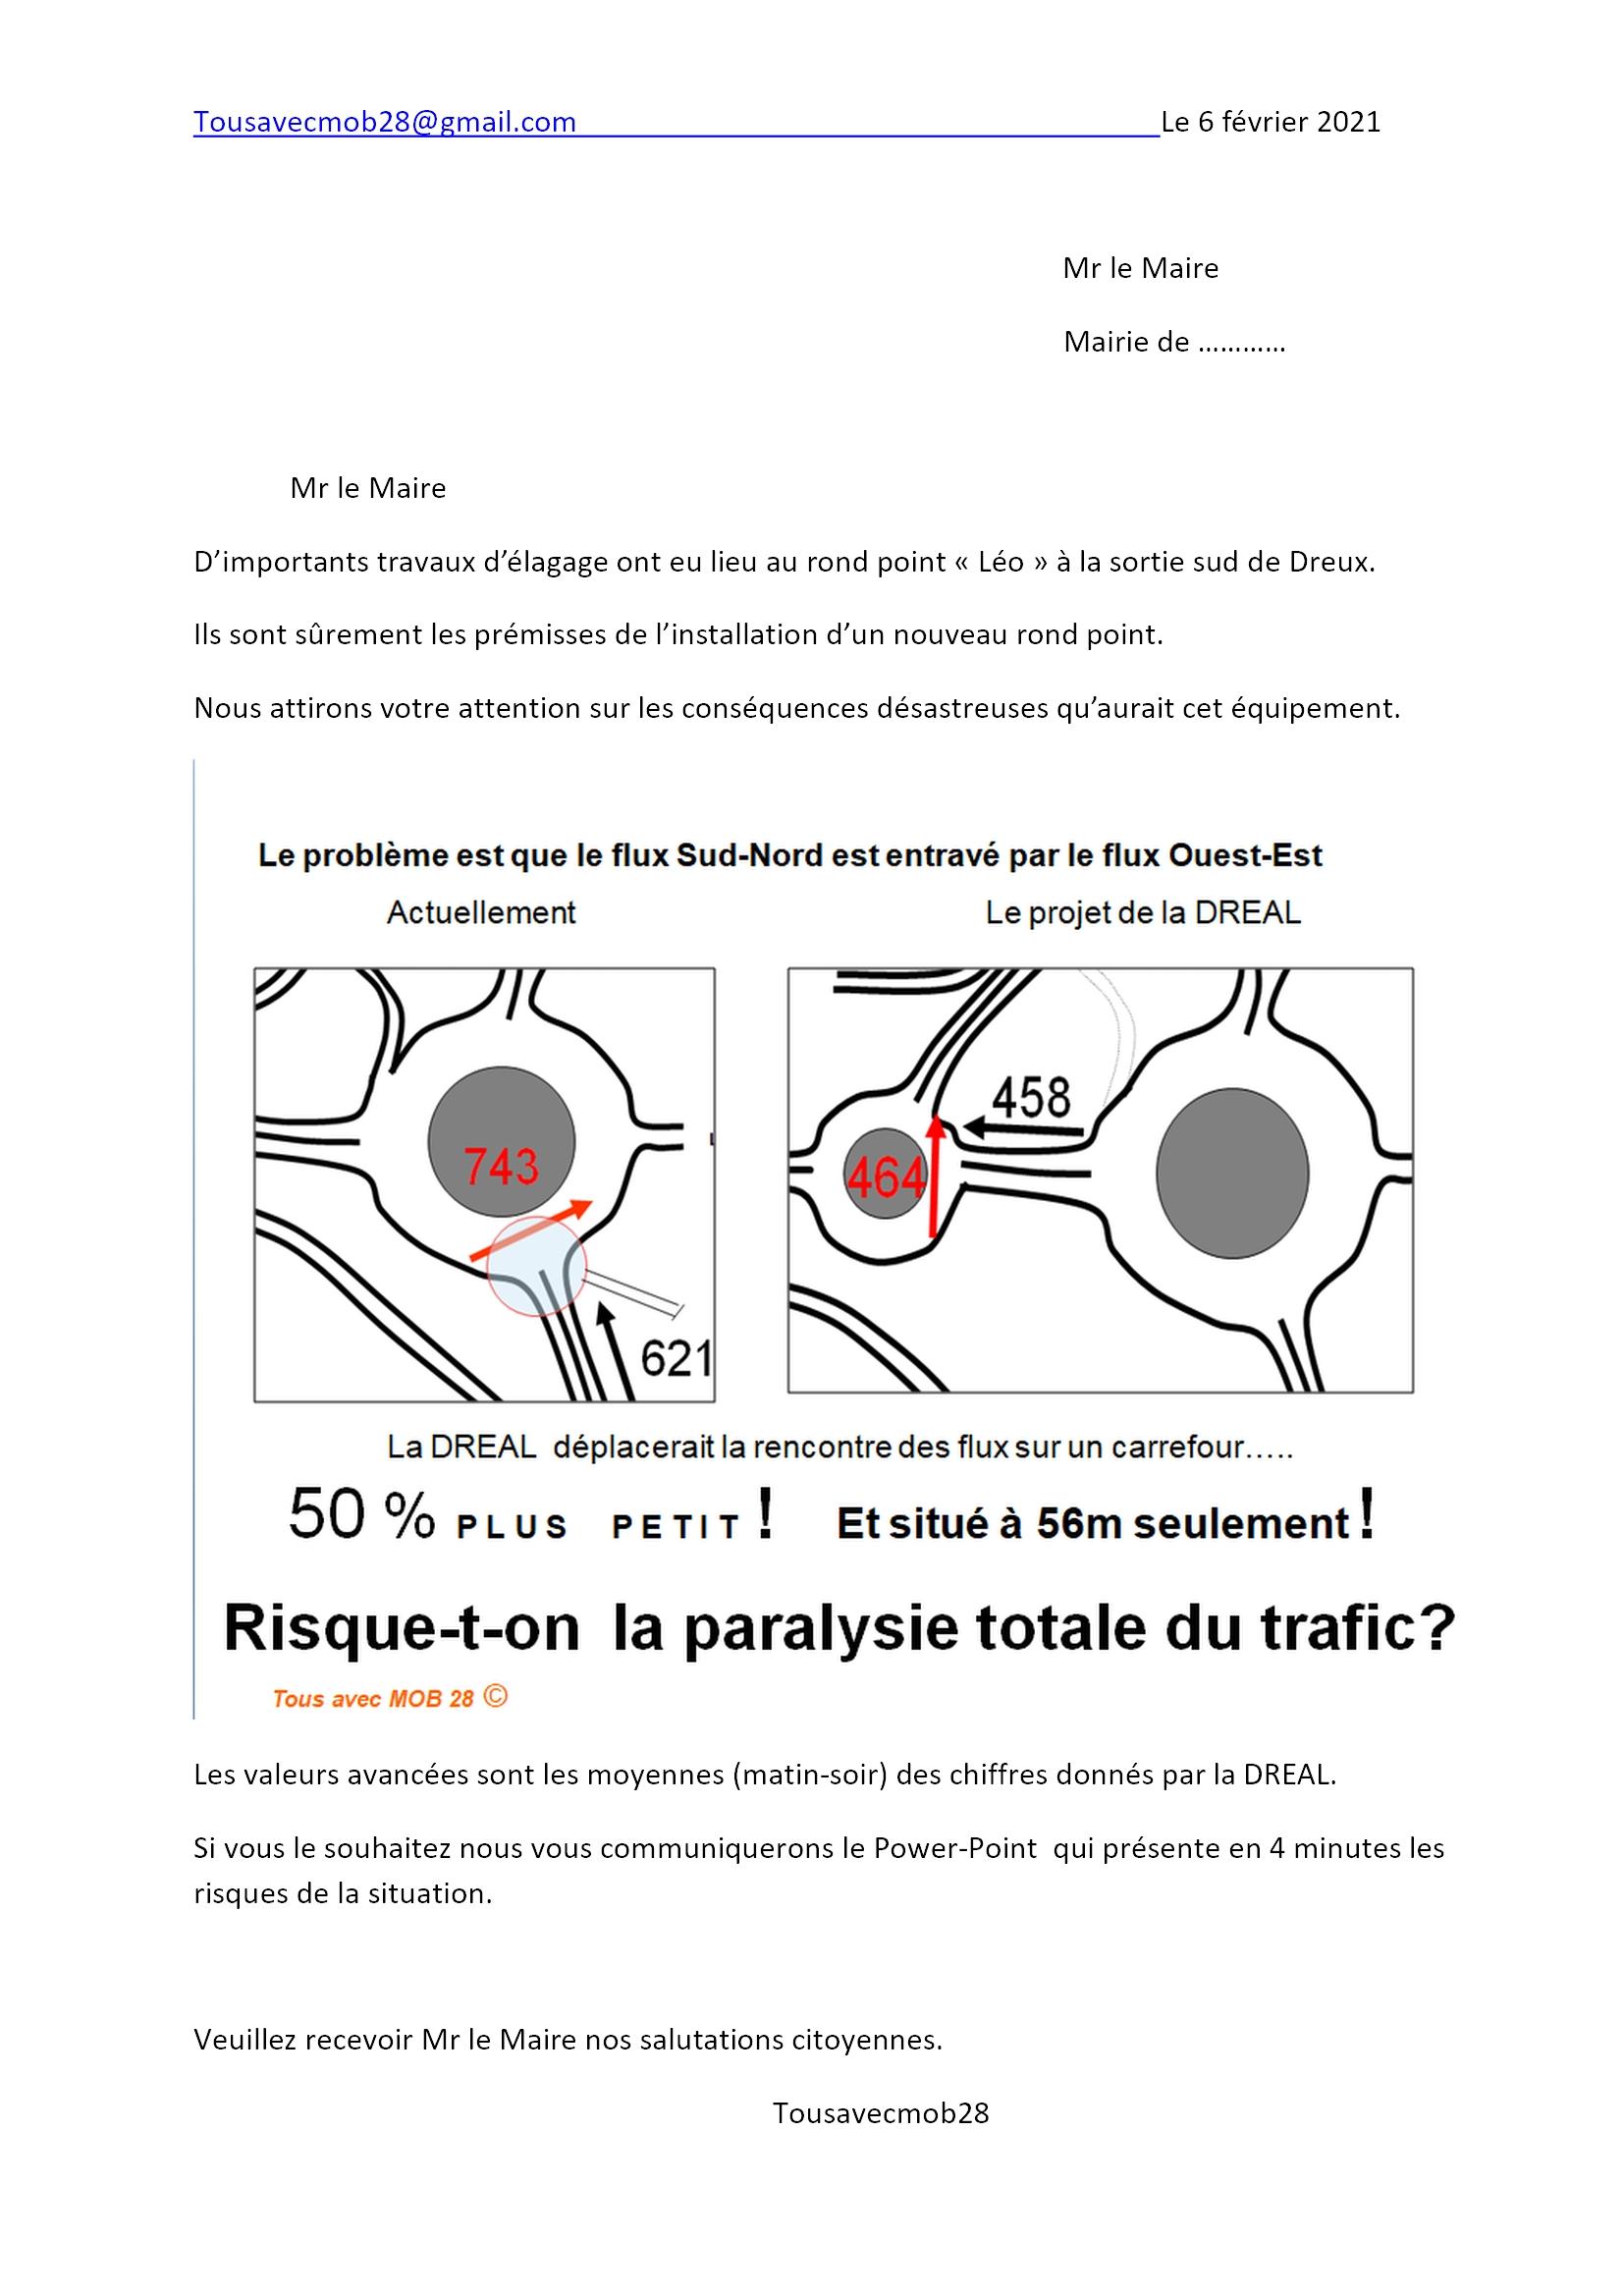 Lettres aux maires pour proposer une solution alternative pour désengorger le giratoire Léo à Dreux